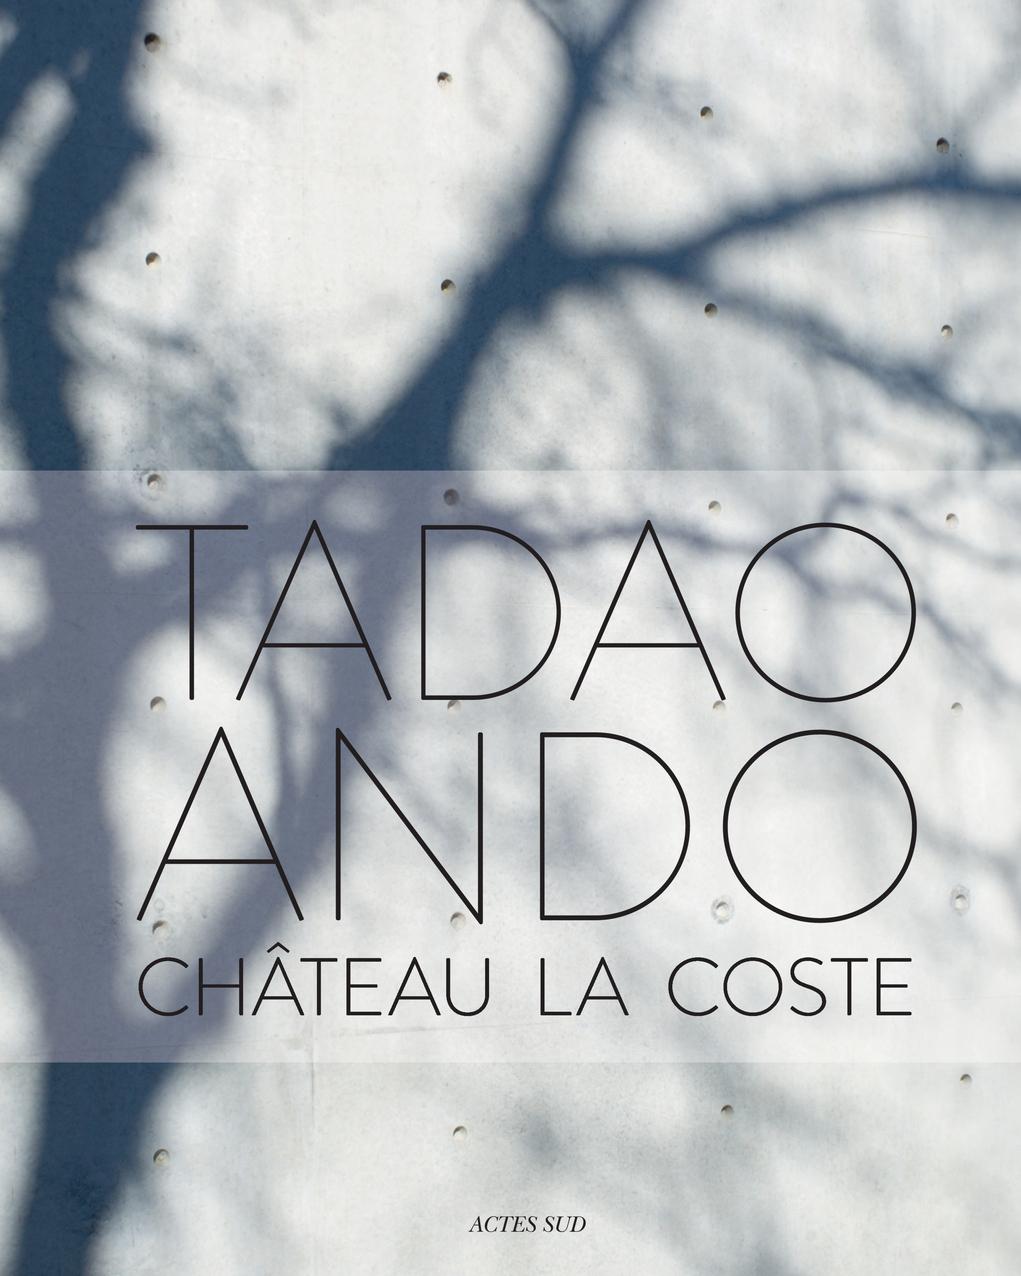 TADAO ANDO. CHATEAU LA COSTE (BILINGUE).